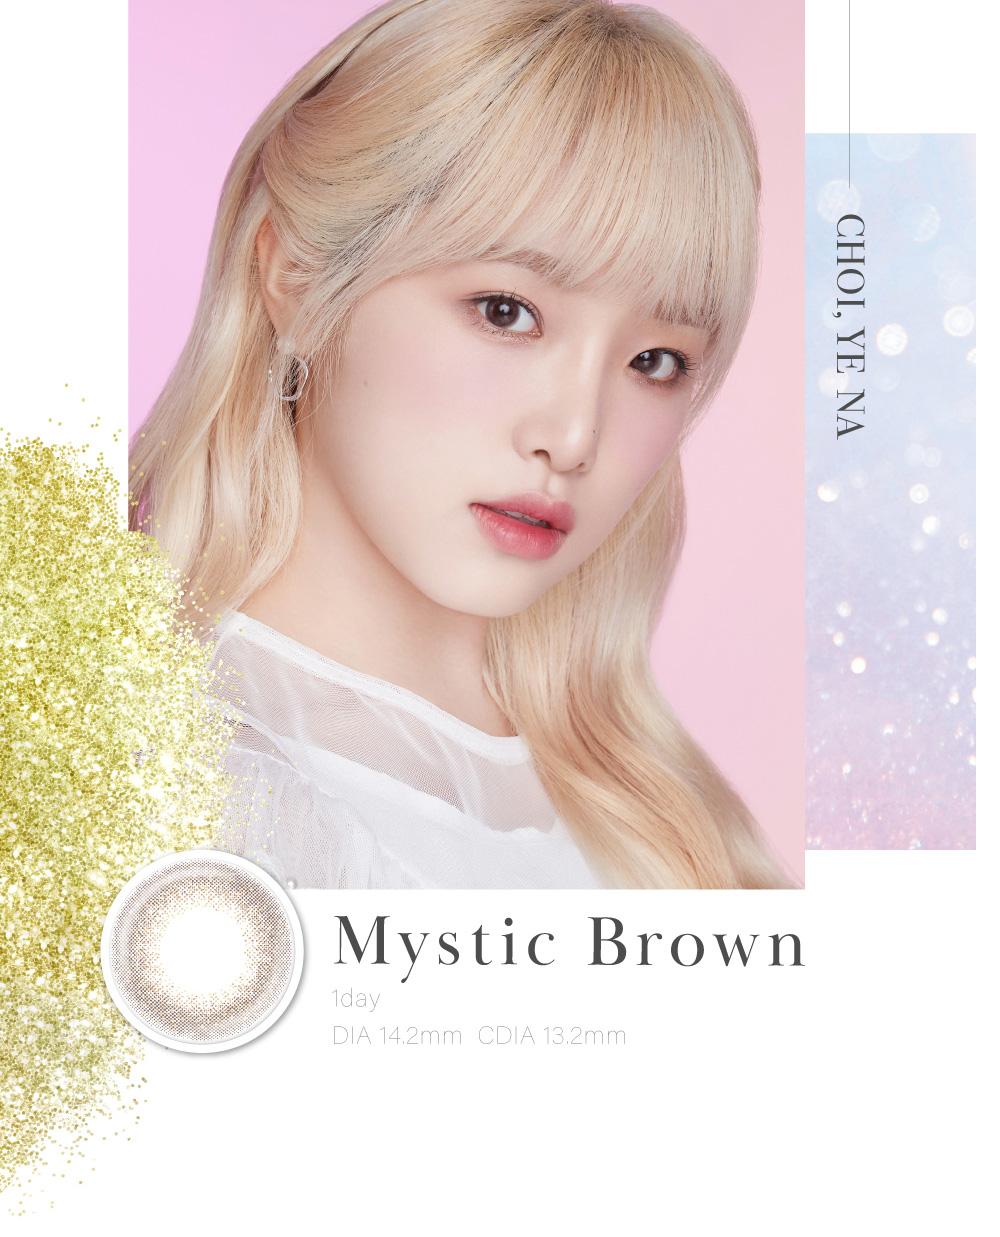 【Mystic Brownミスティックブラウン】Miche Bloomin' 1Day Iris Grow Series ミッシュブルーミンワンデーアイリスグローシリーズ